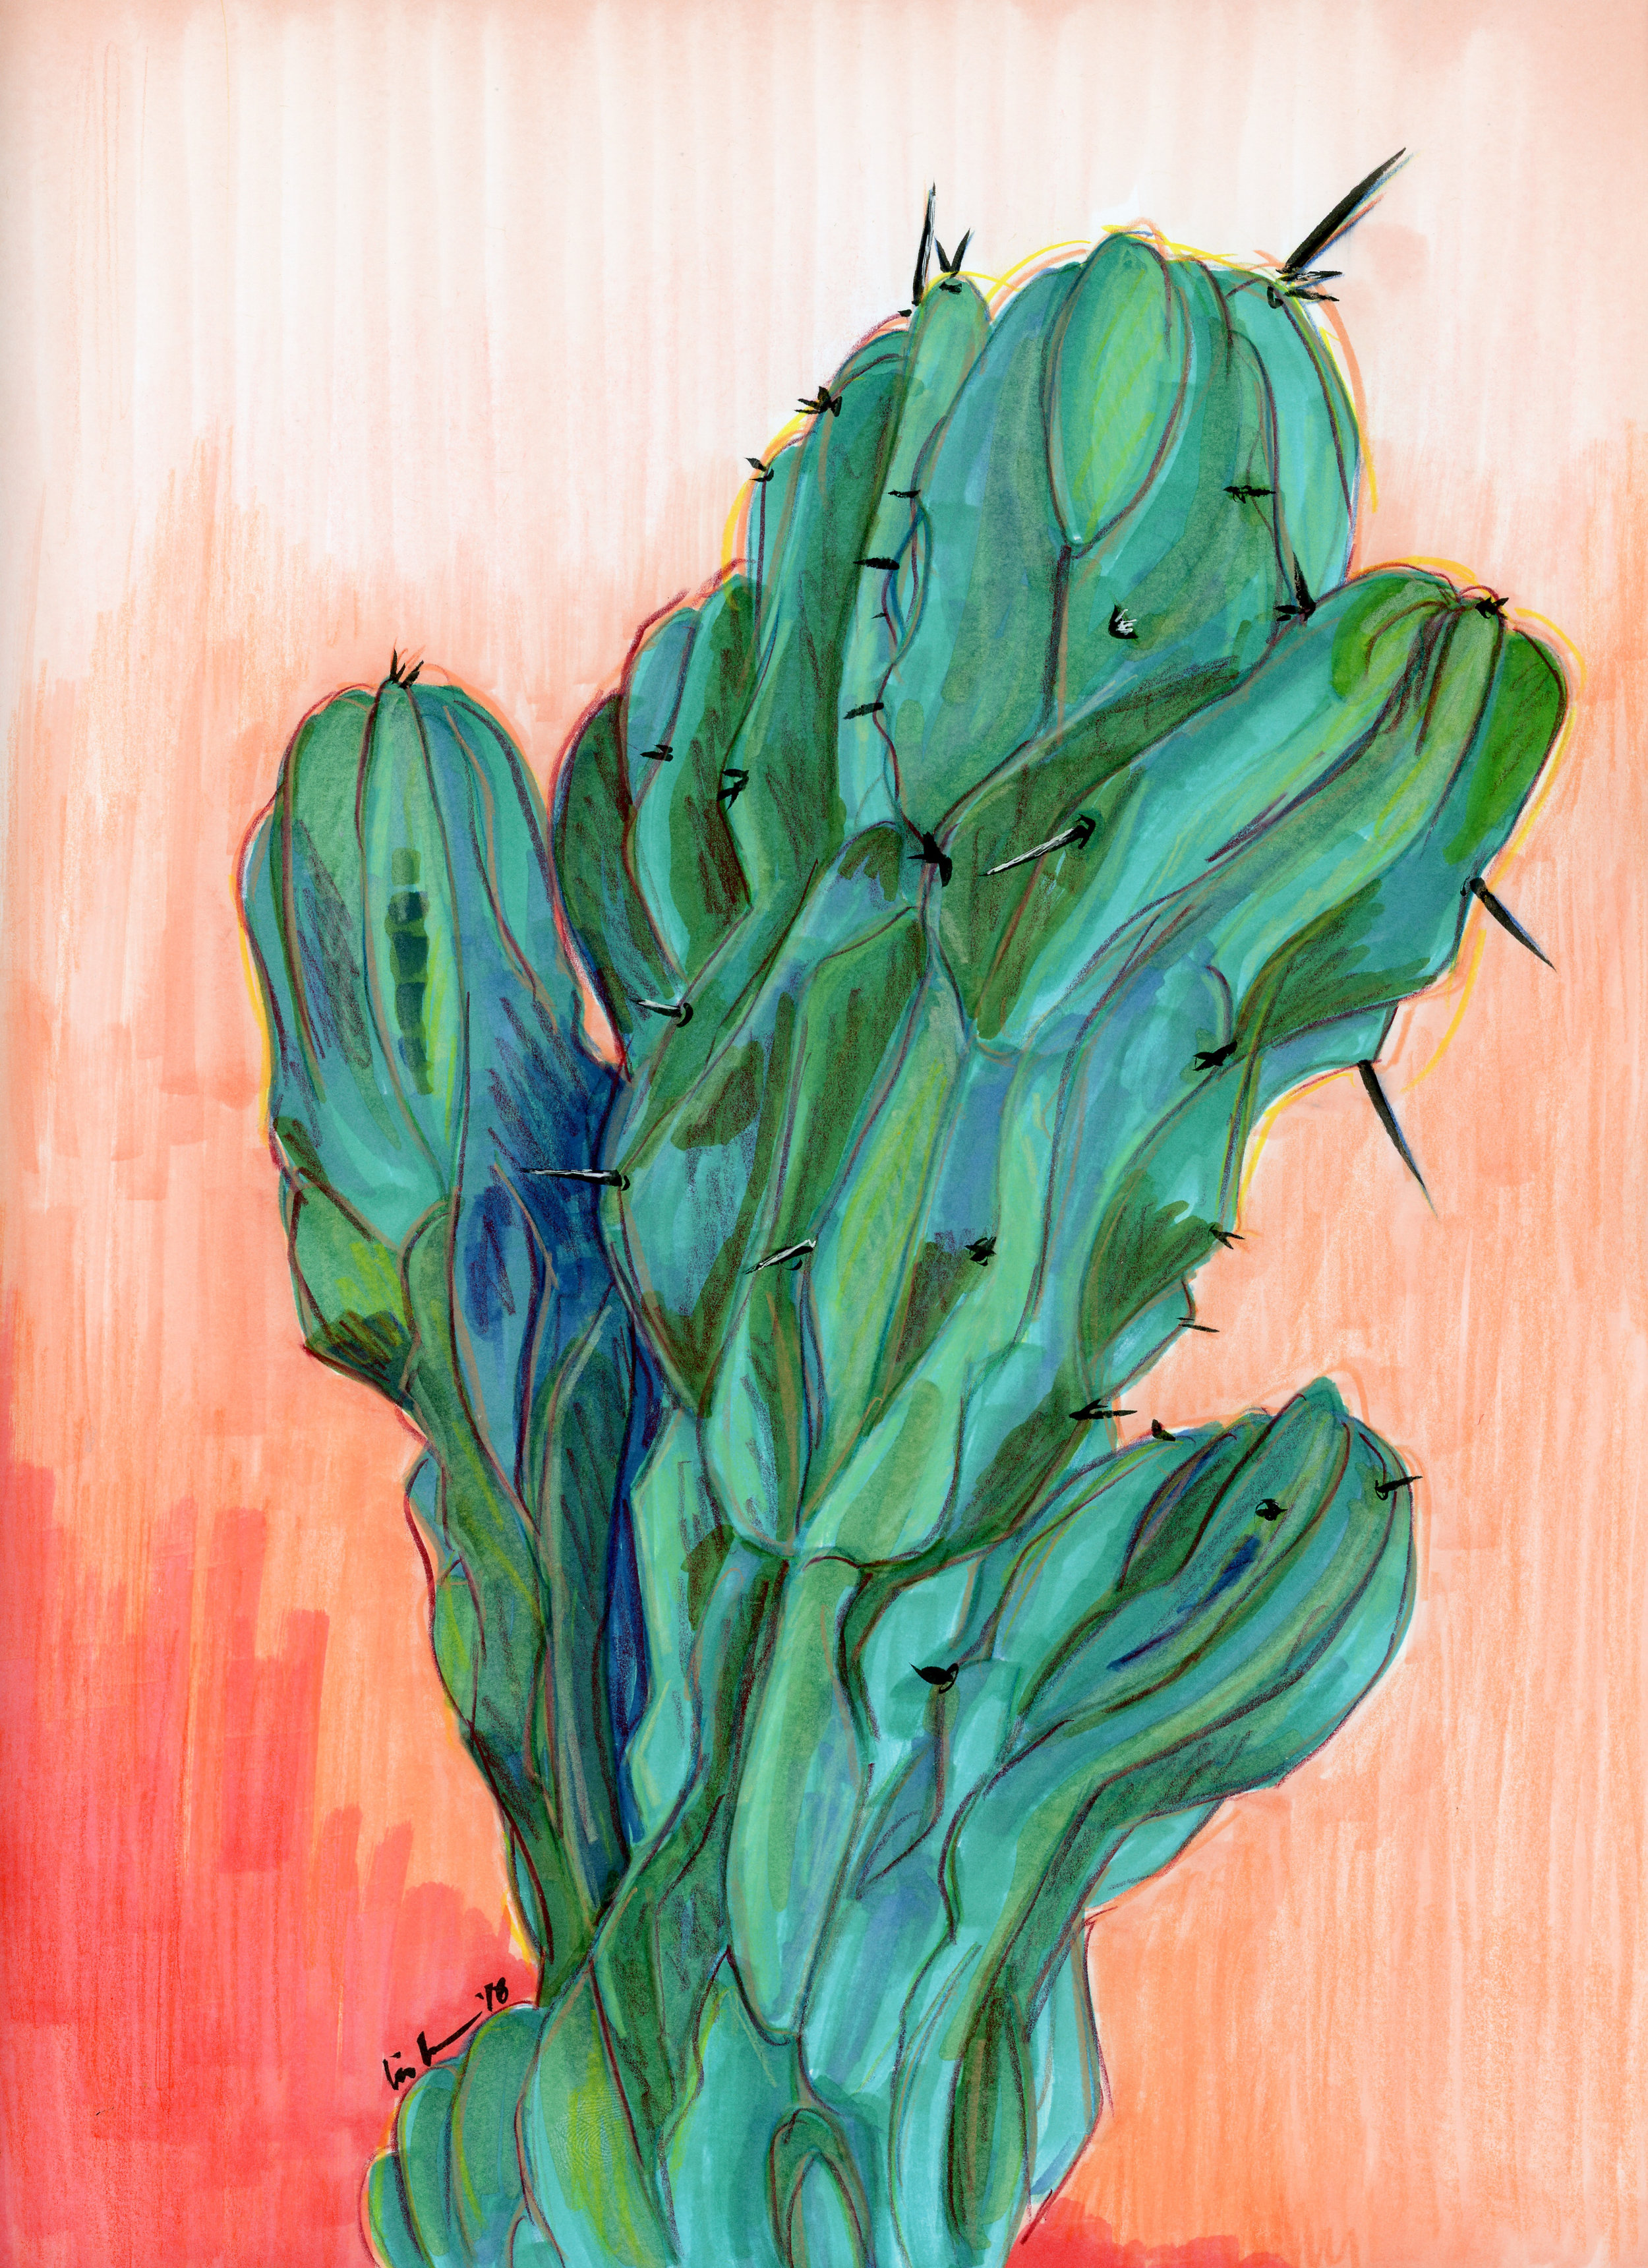 cactus003.jpg